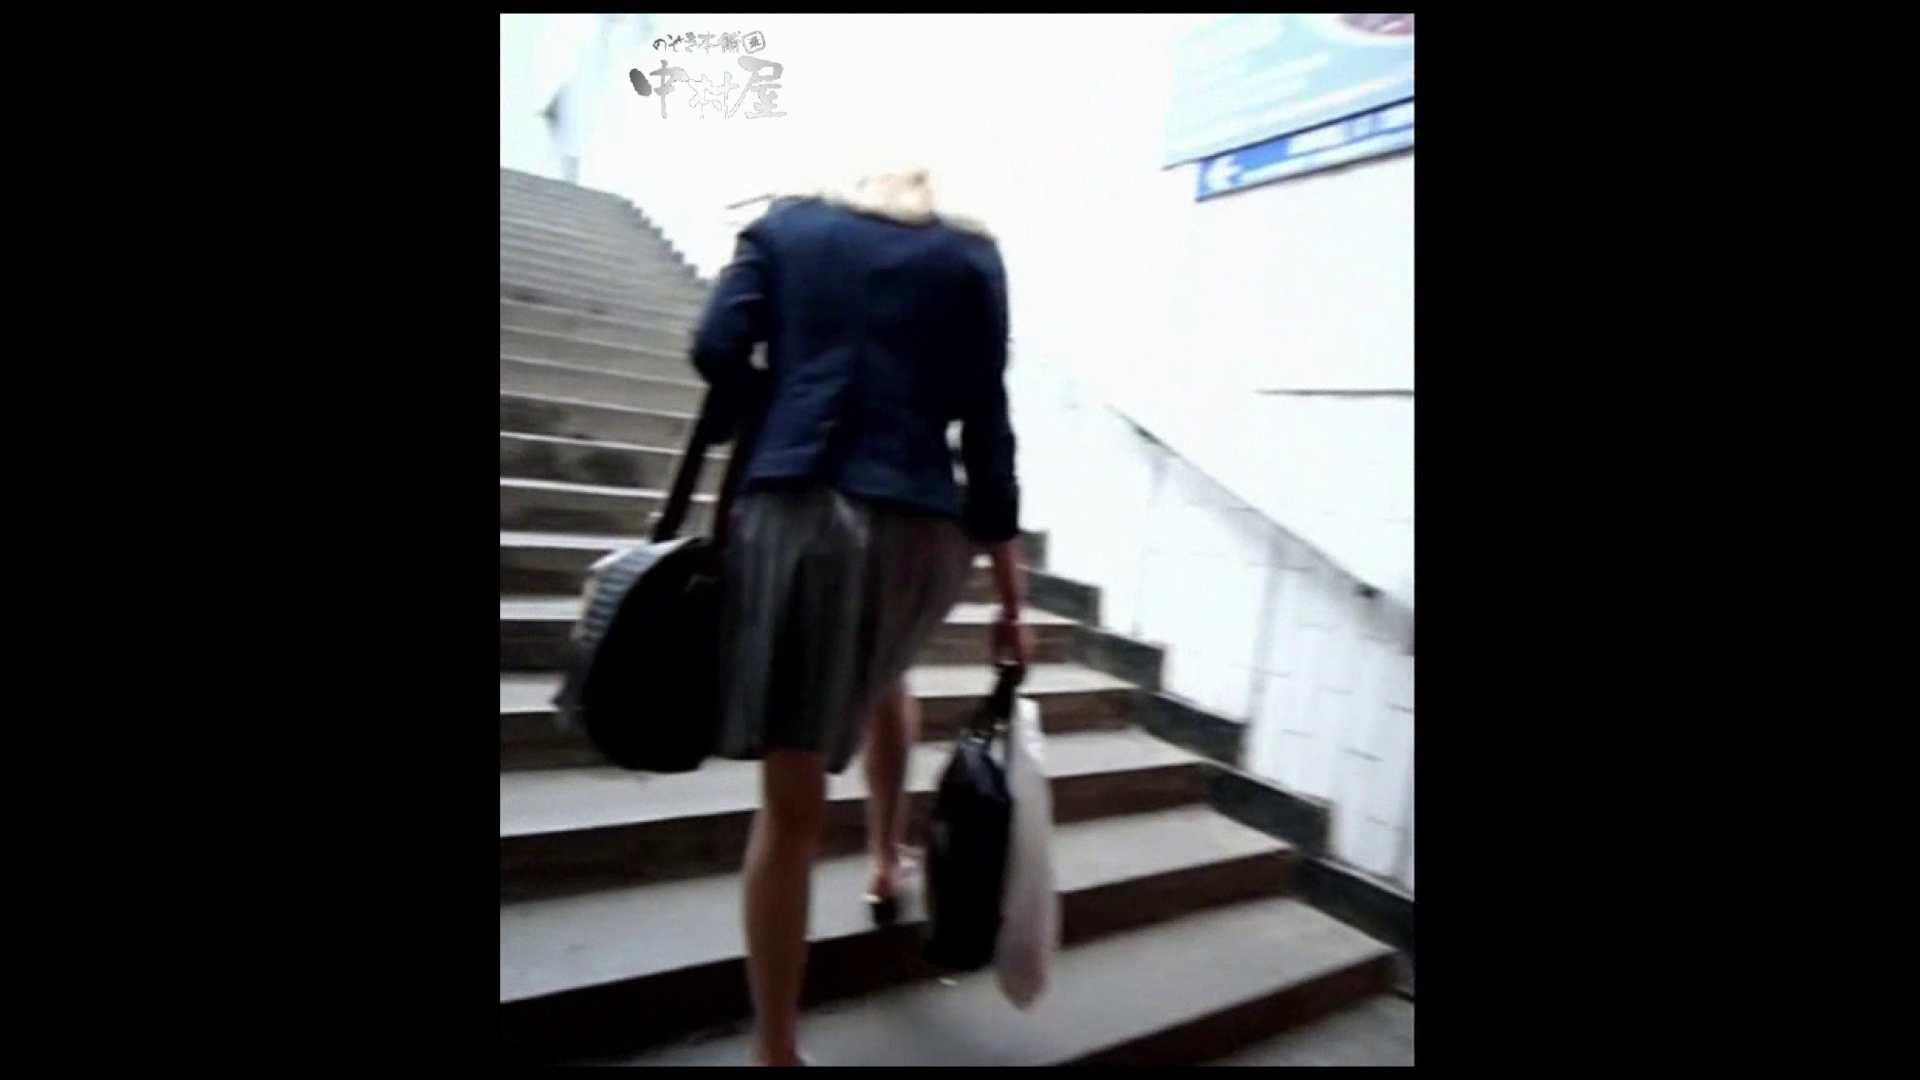 綺麗なモデルさんのスカート捲っちゃおう‼ vol30 0  105pic 50